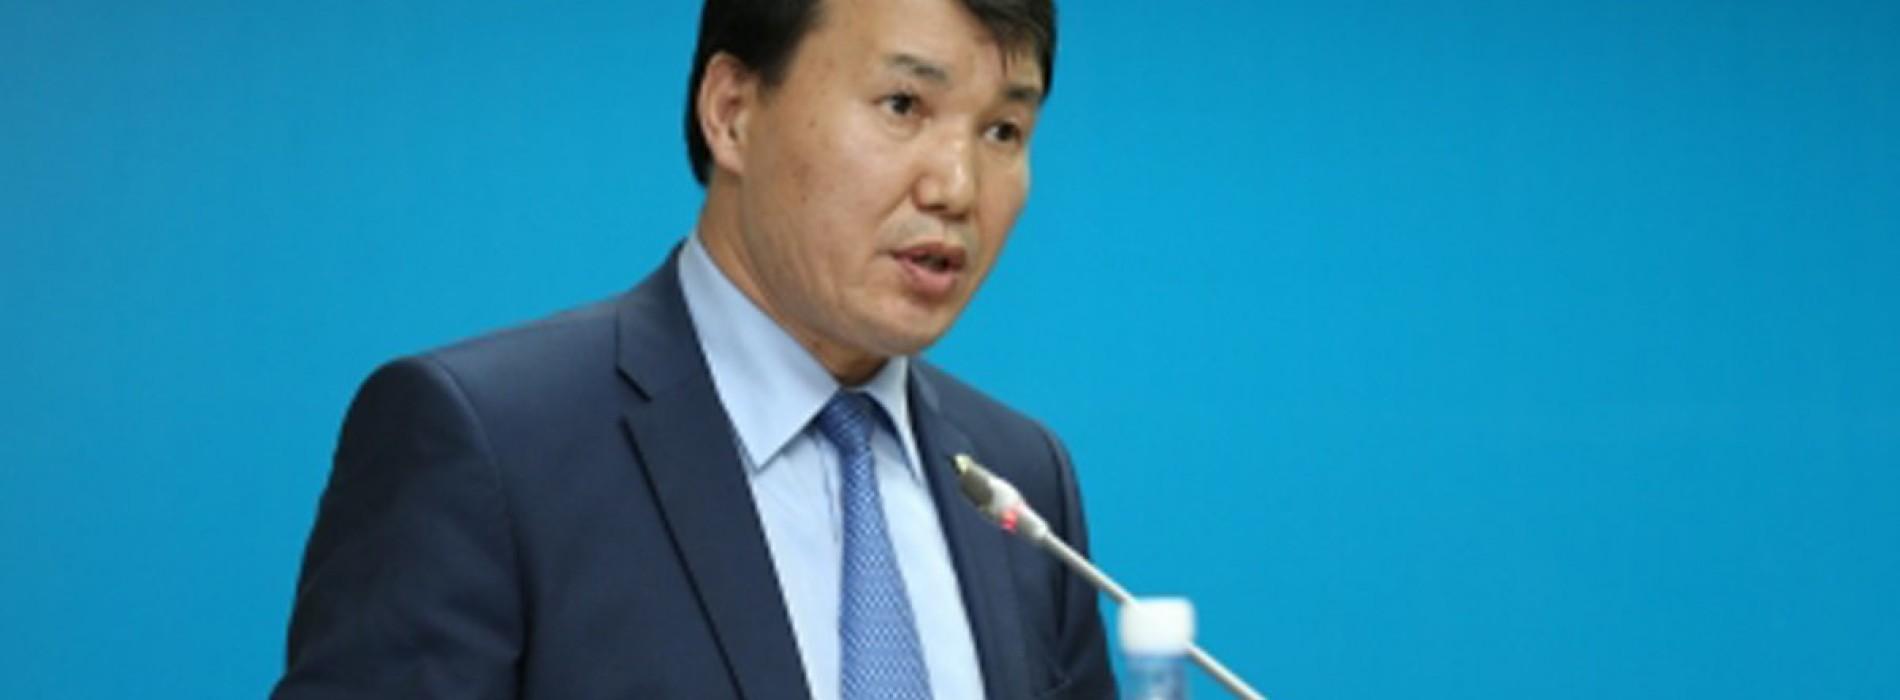 В Кызылорде озвучили самые коррумпированные сферы